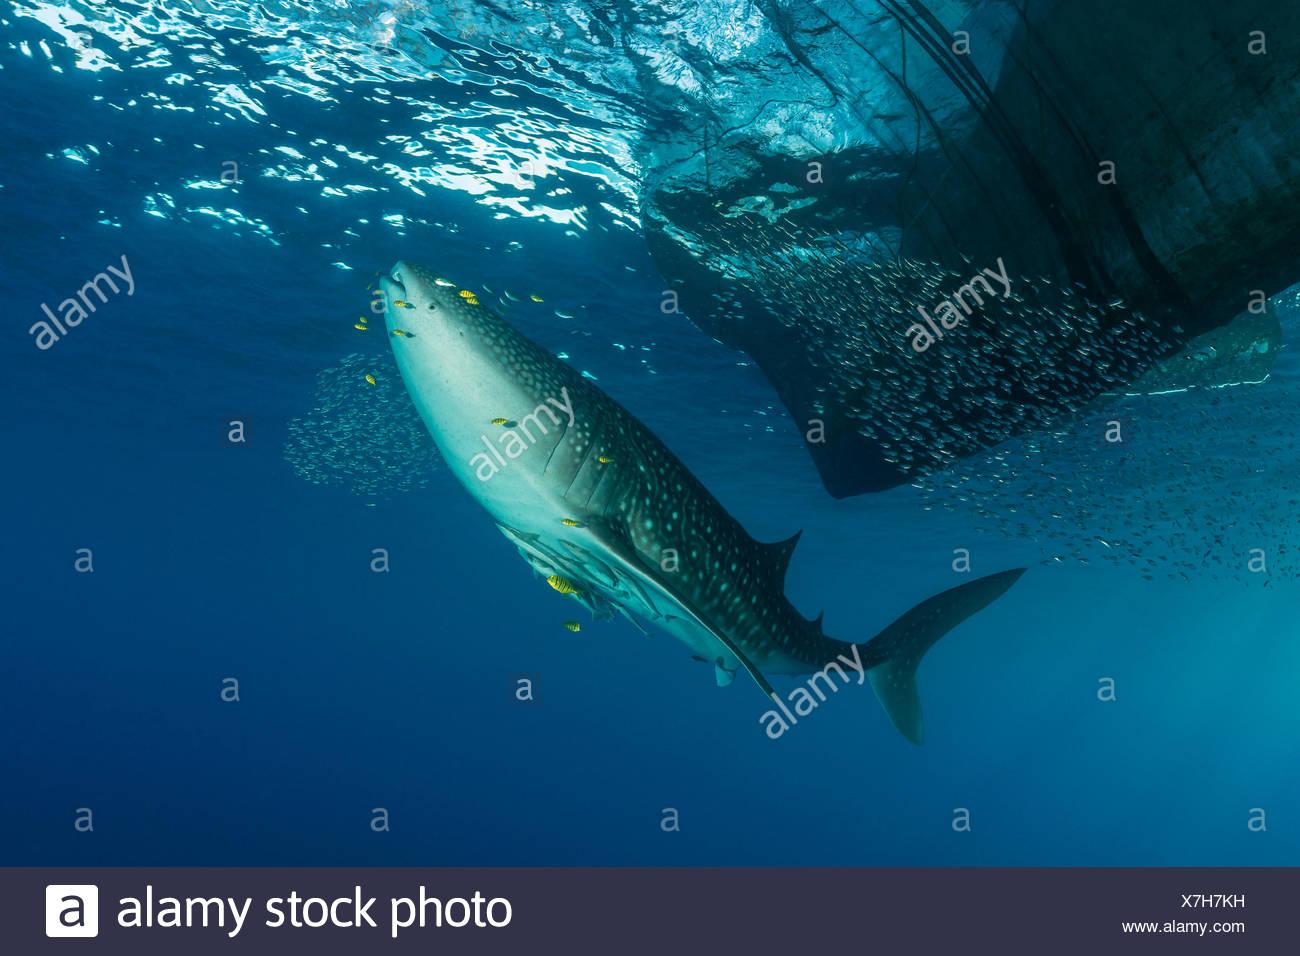 Sous la plate-forme de pêche au requin-baleine, Rhincodon typus, Cenderawasih Bay, en Papouasie occidentale, en Indonésie Photo Stock